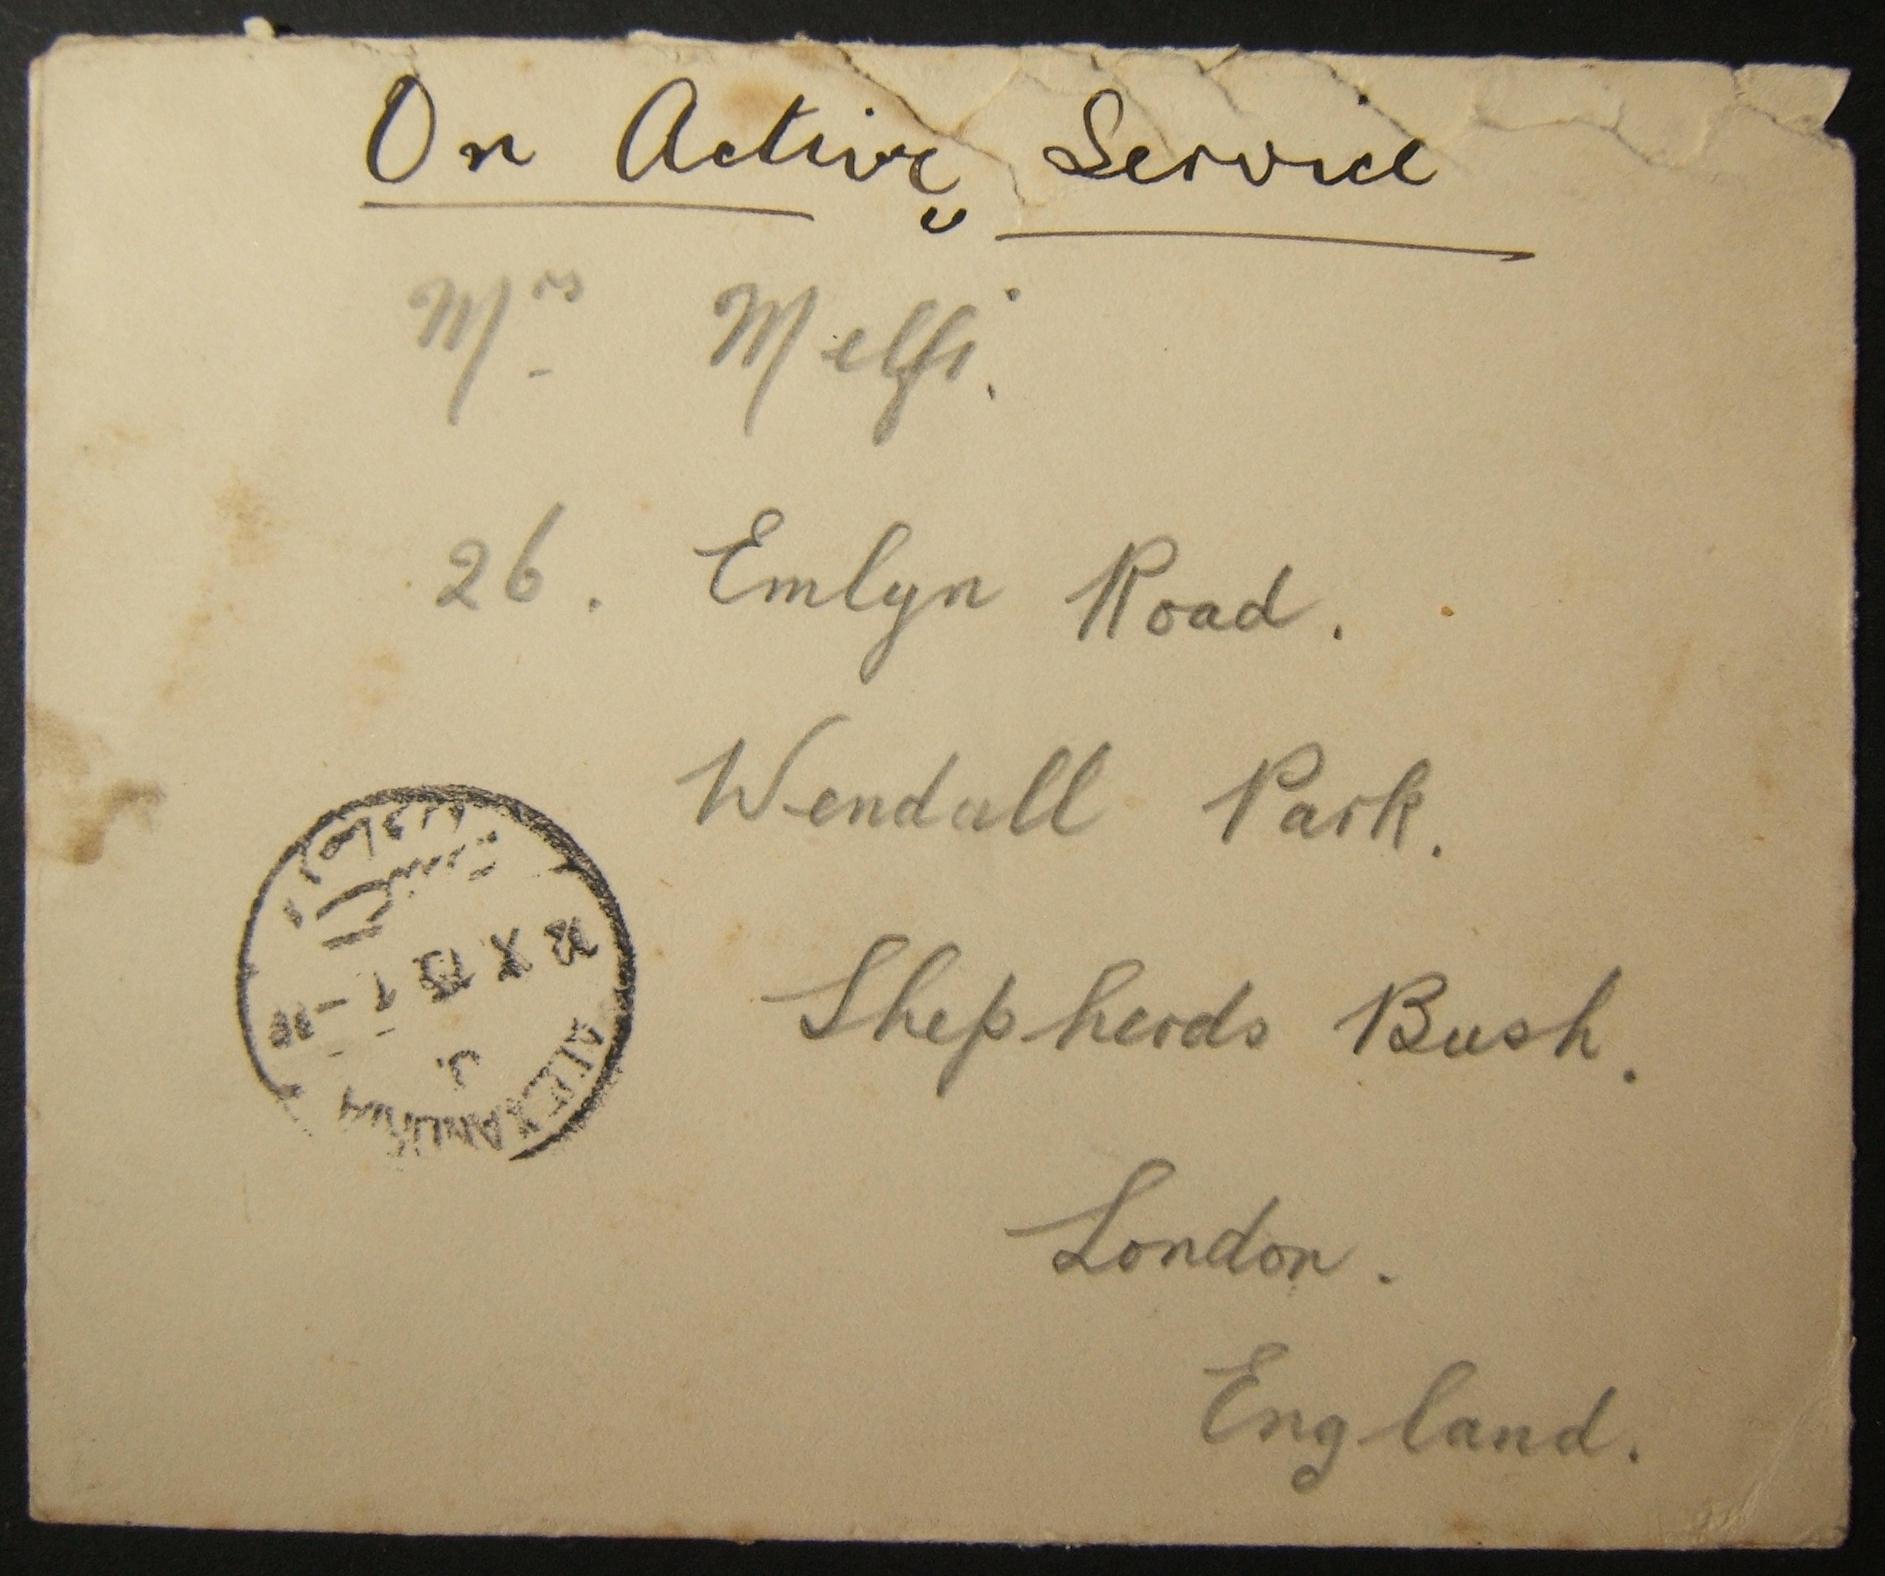 מלחמת העולם הראשונה unranked & unendorsed דואר צבאי בריטי שנשלח באמצעות הדואר המצרי, עם חותמת הדואר המוקדם ביותר